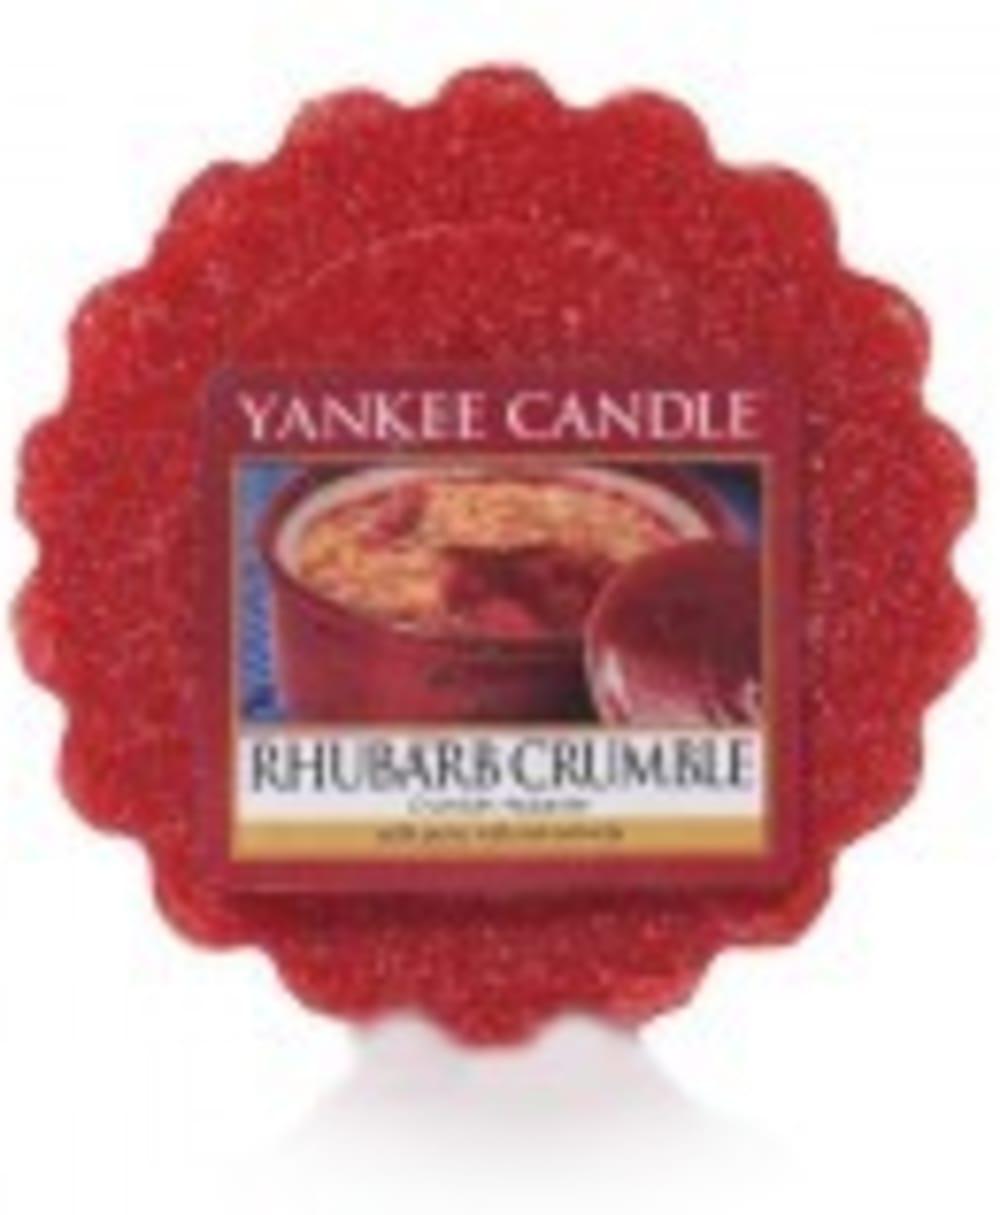 Wosk Yankee Candle Rhubarb Crumble